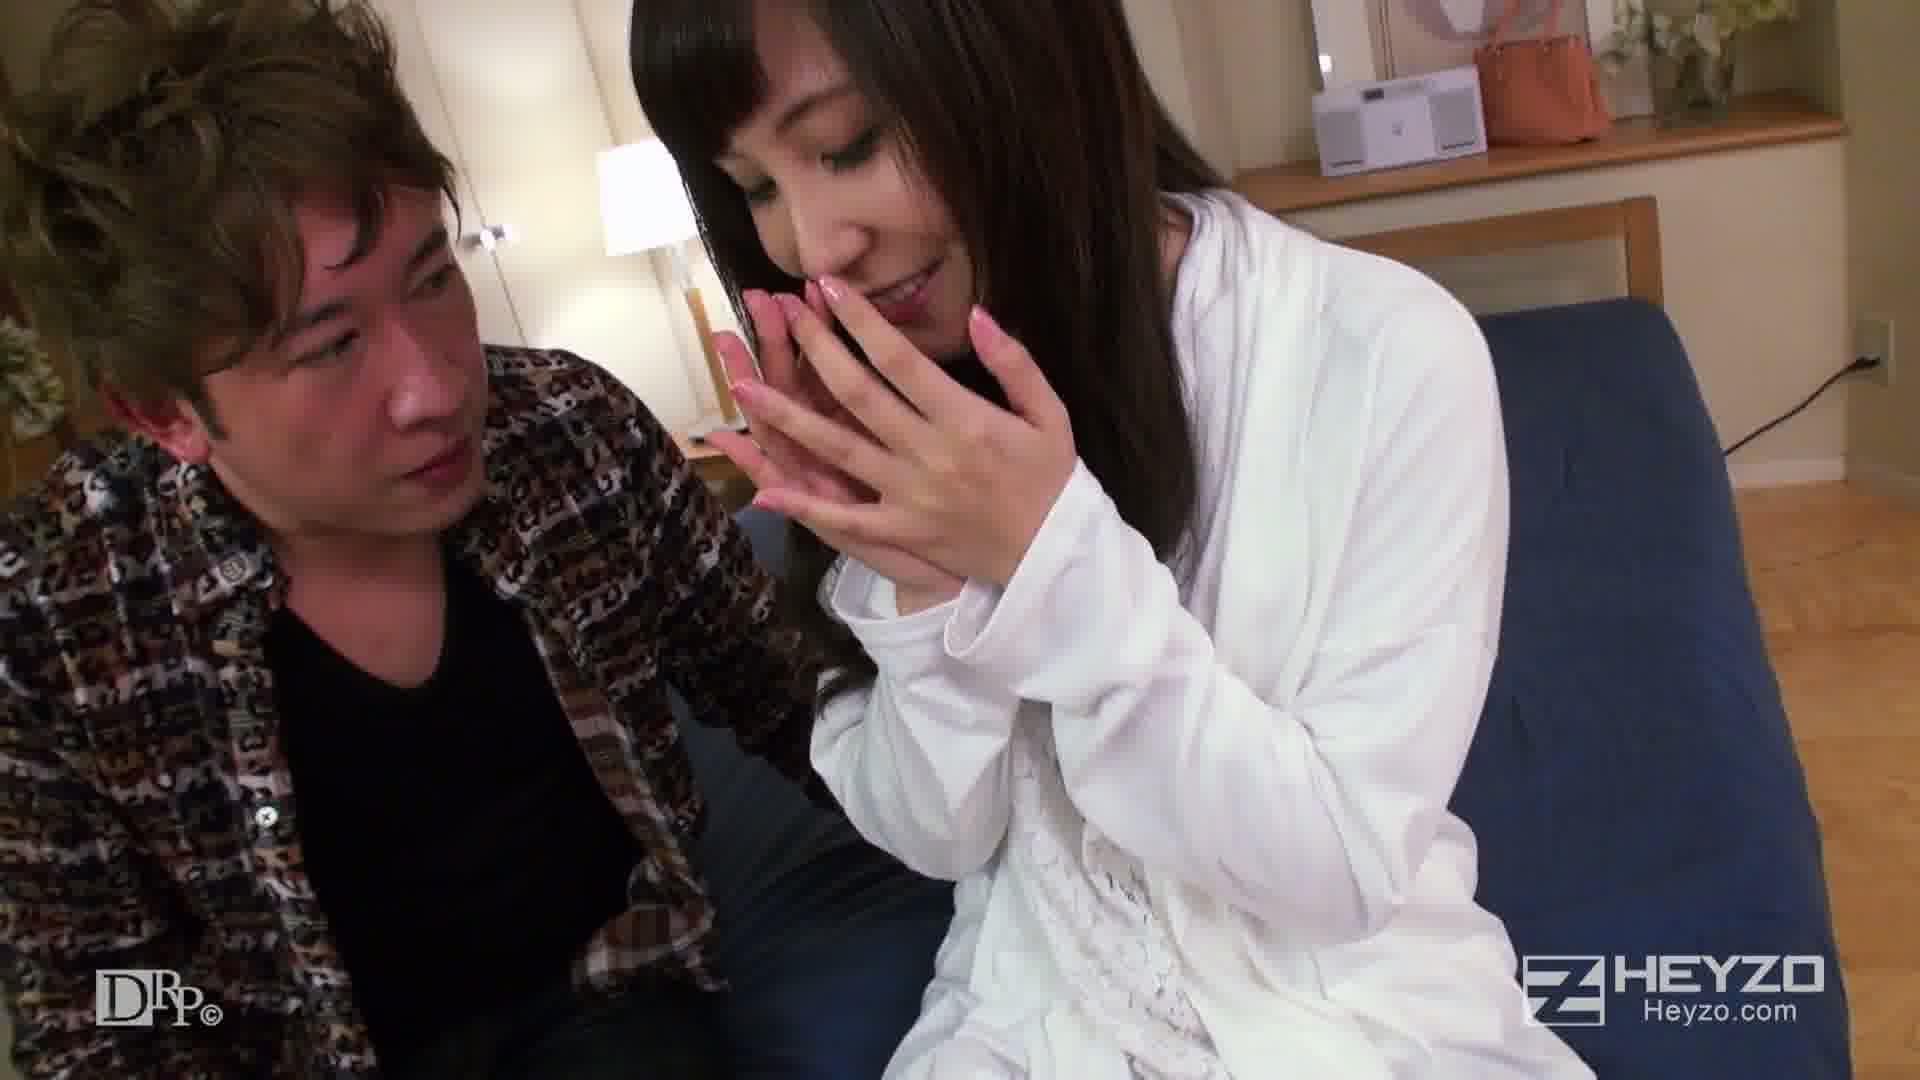 元同級生はAV女優 - 伊藤果夏【脱衣 キス 指マン クンニ】